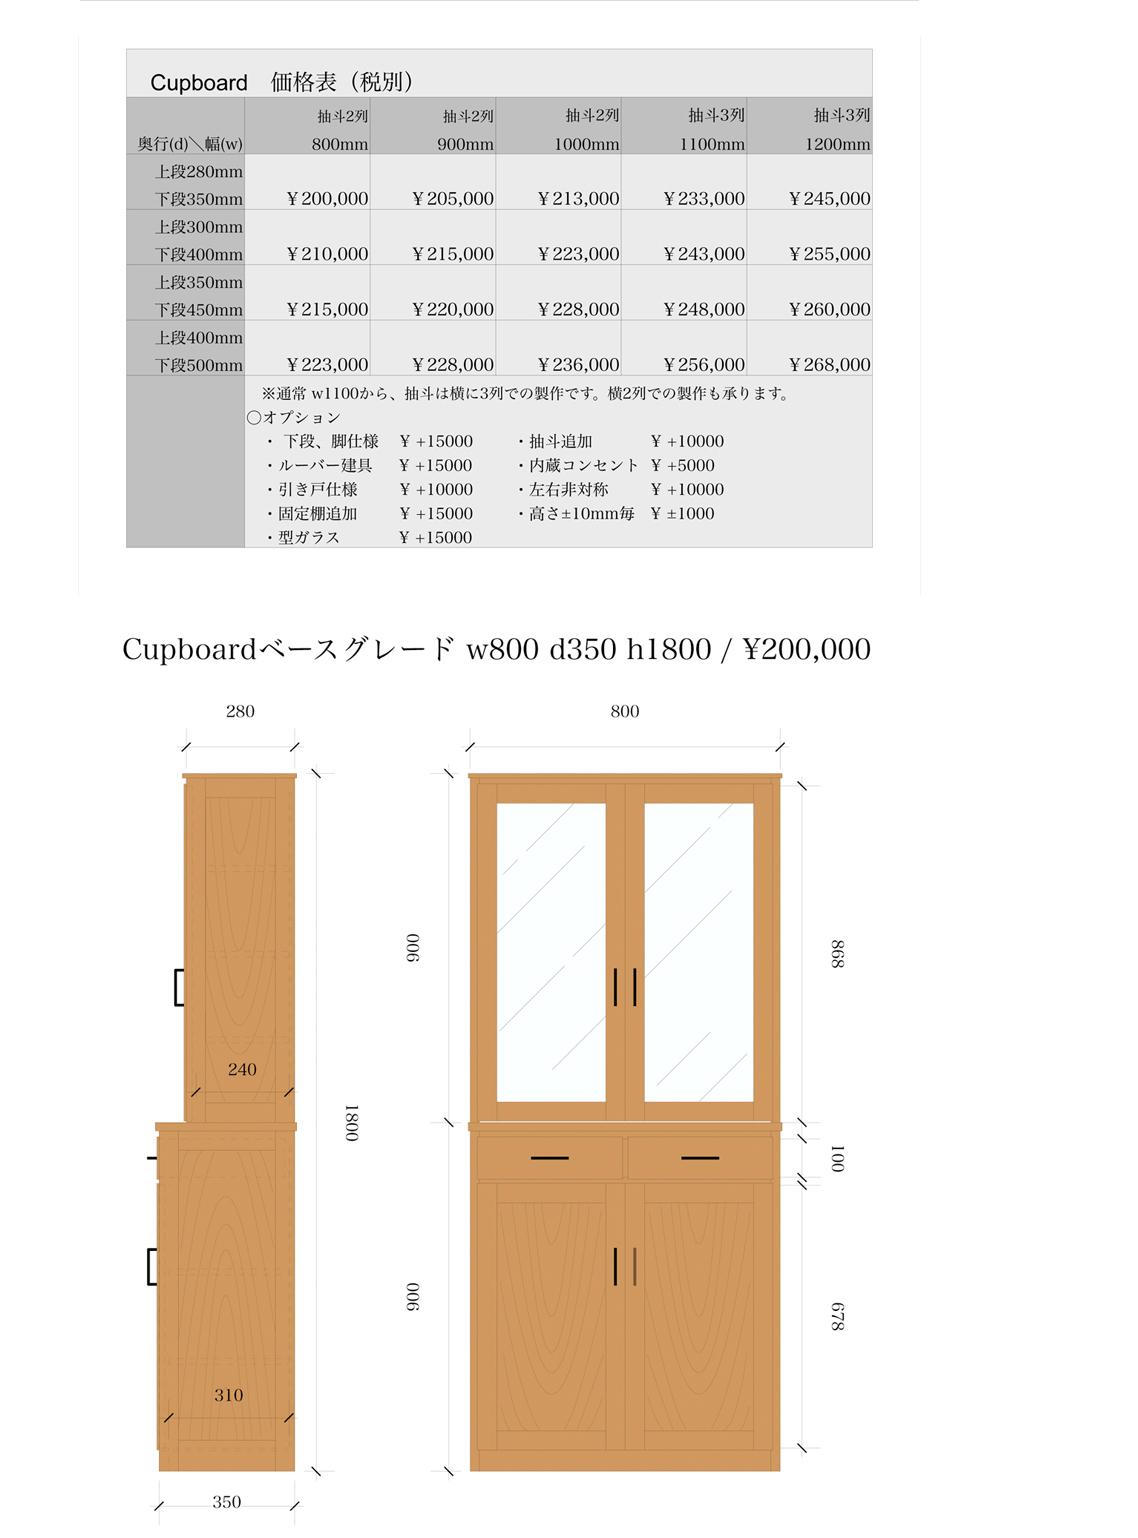 Cupboard価格表(改)